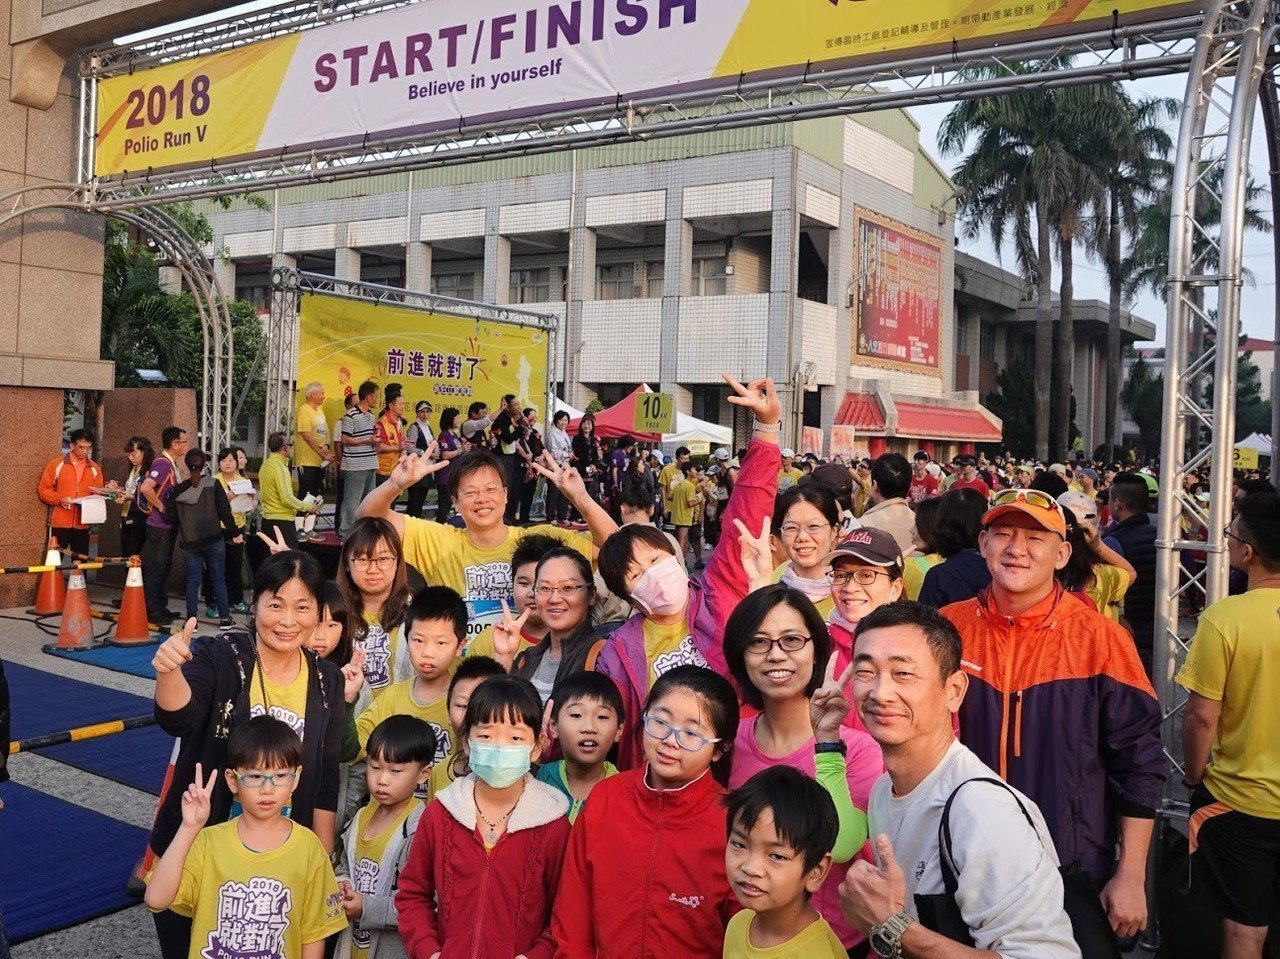 二林香田國小共30多名師生參與賽事。圖/香田國小提供